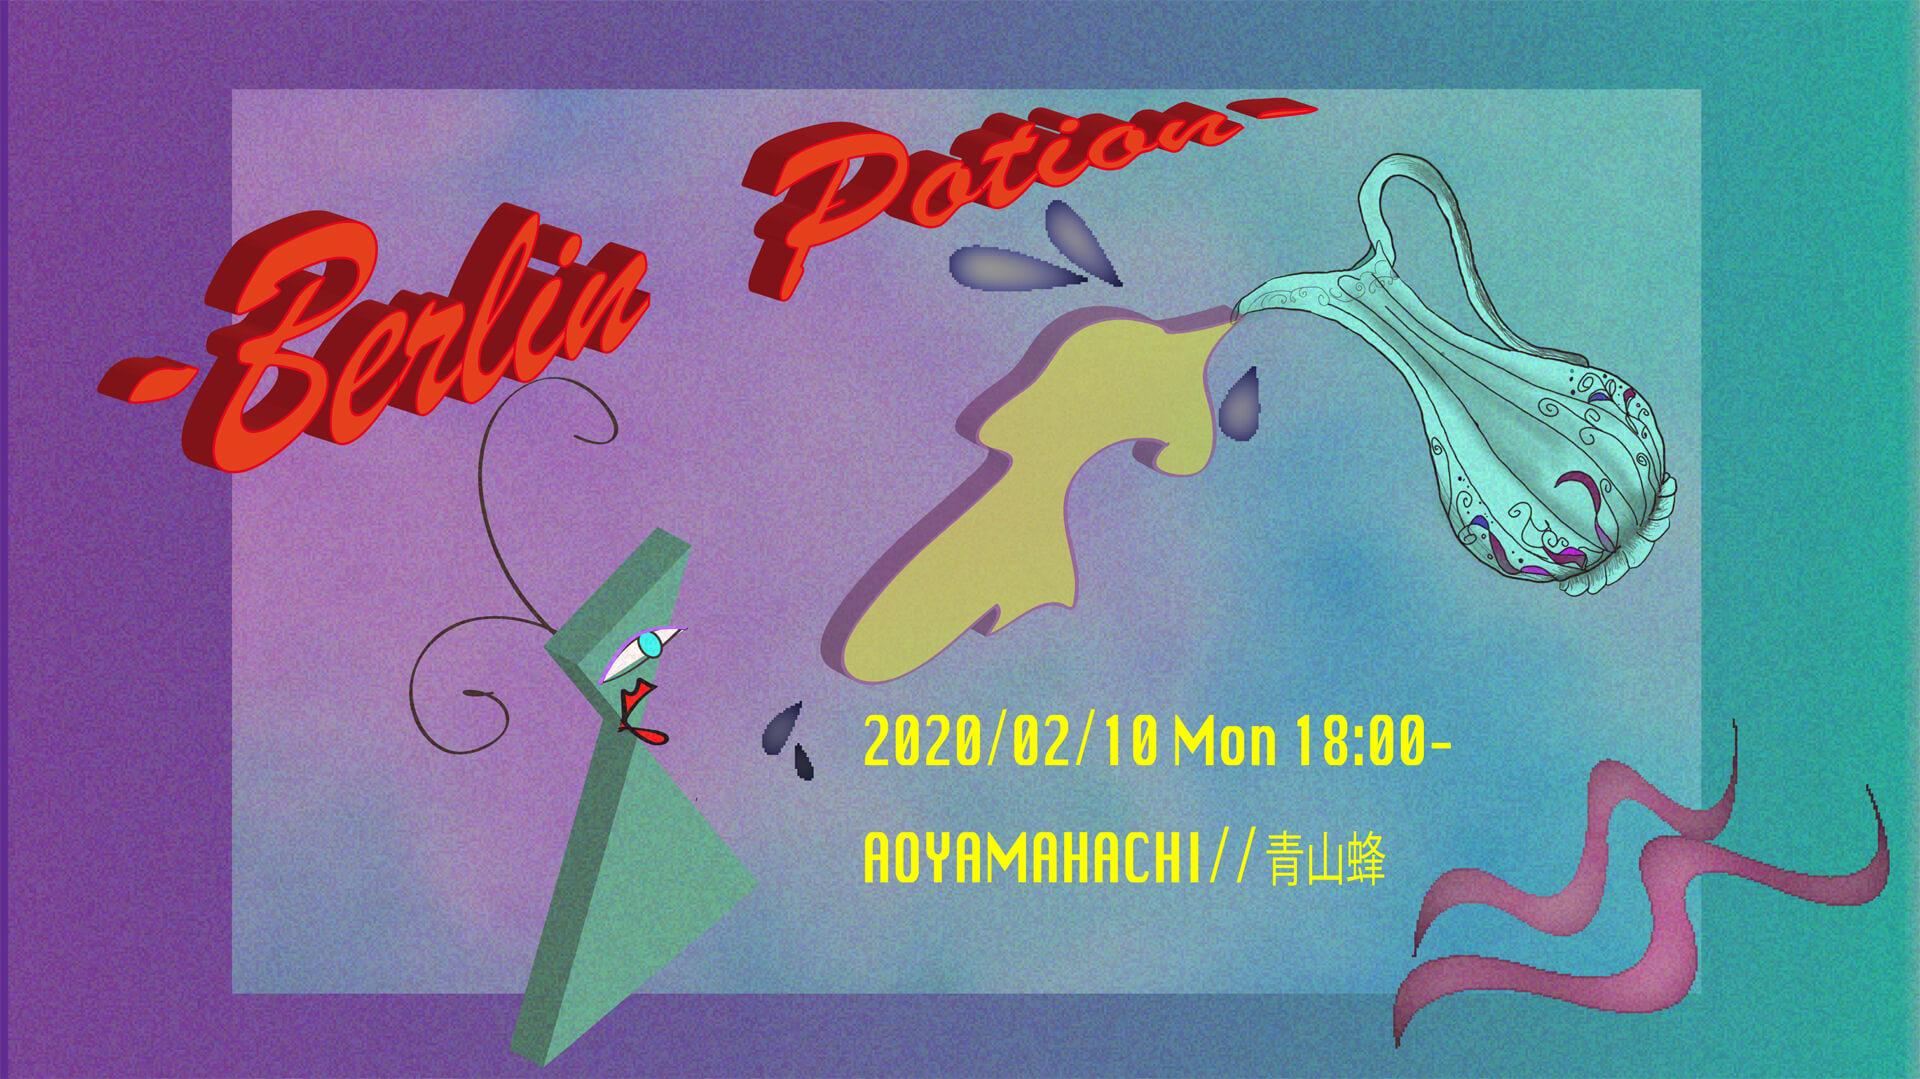 ベルリンと東京拠点のパーティ<Berlin Potion -Tokyo編->が青山蜂にて開催!AirbearやCYKのNariらが登場 music200127_berlinpotion_08